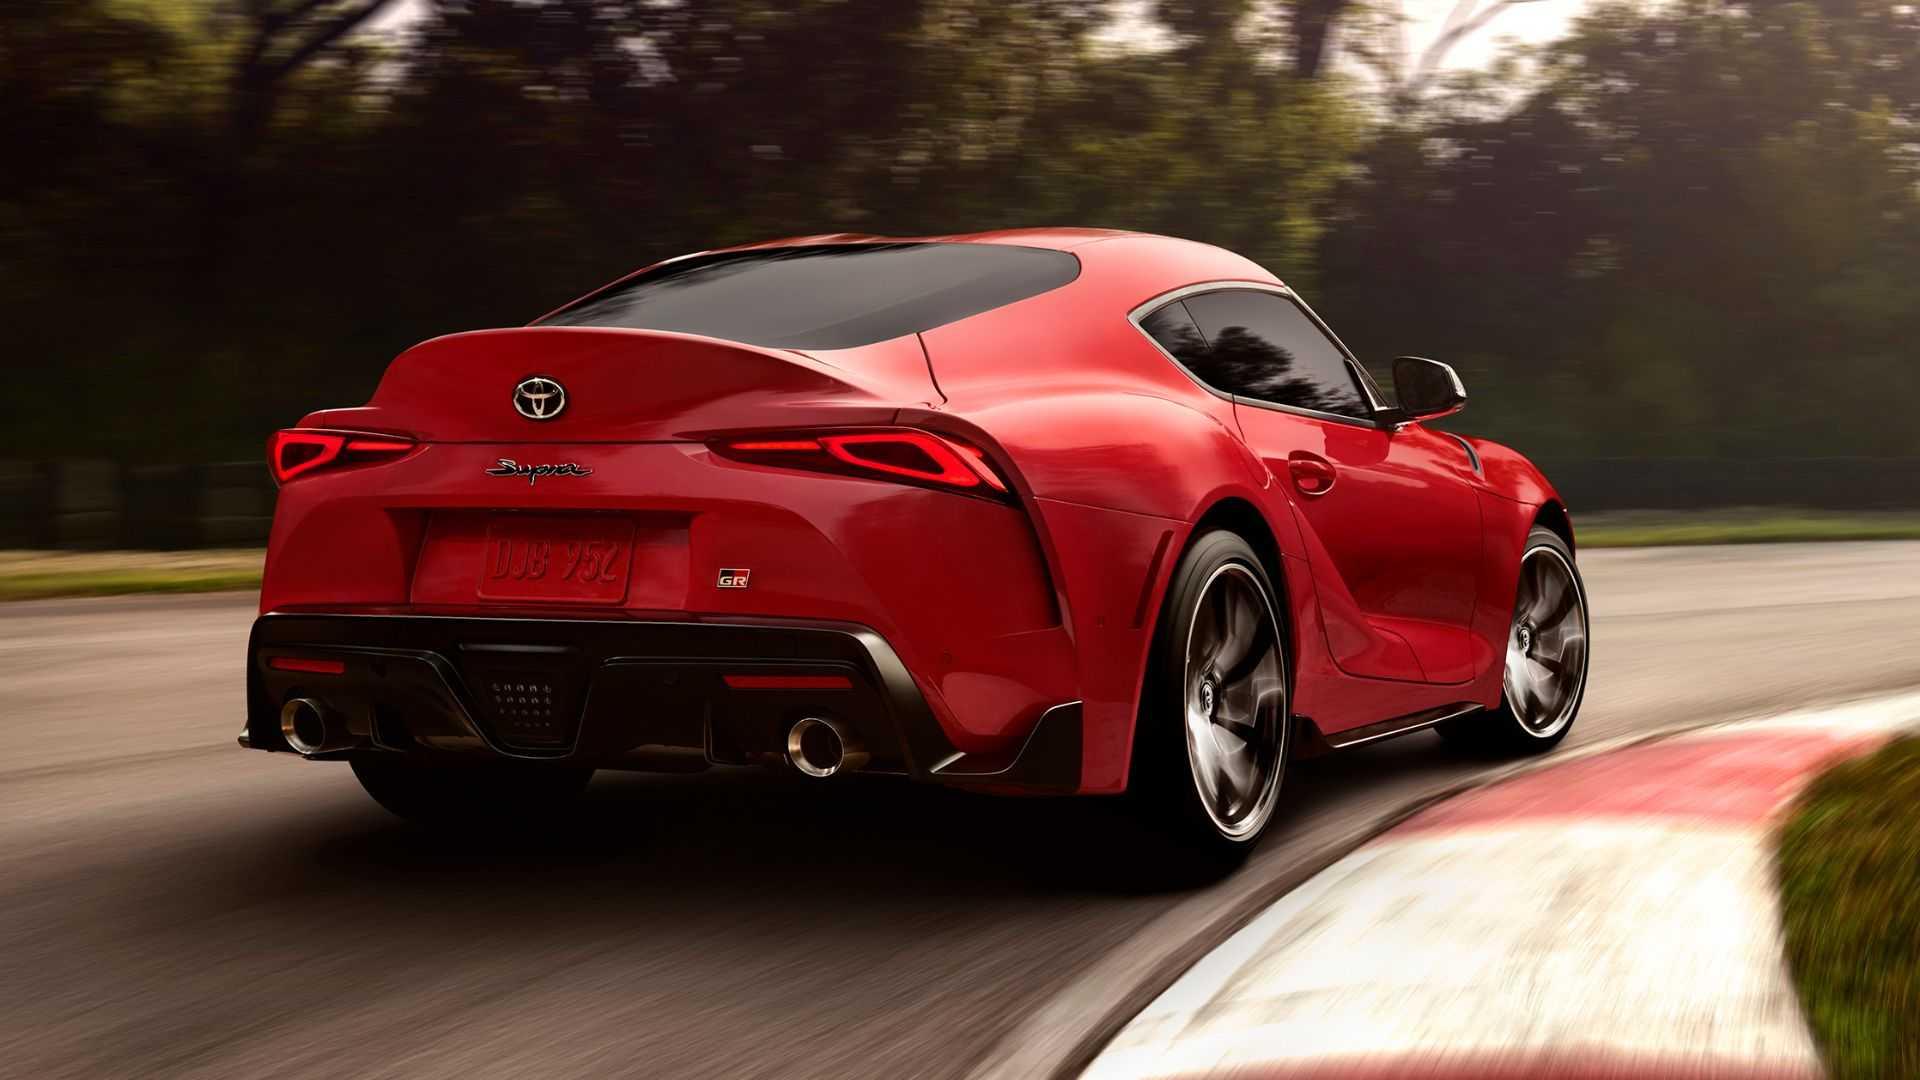 Kelebihan Toyota Supra Harga Murah Berkualitas